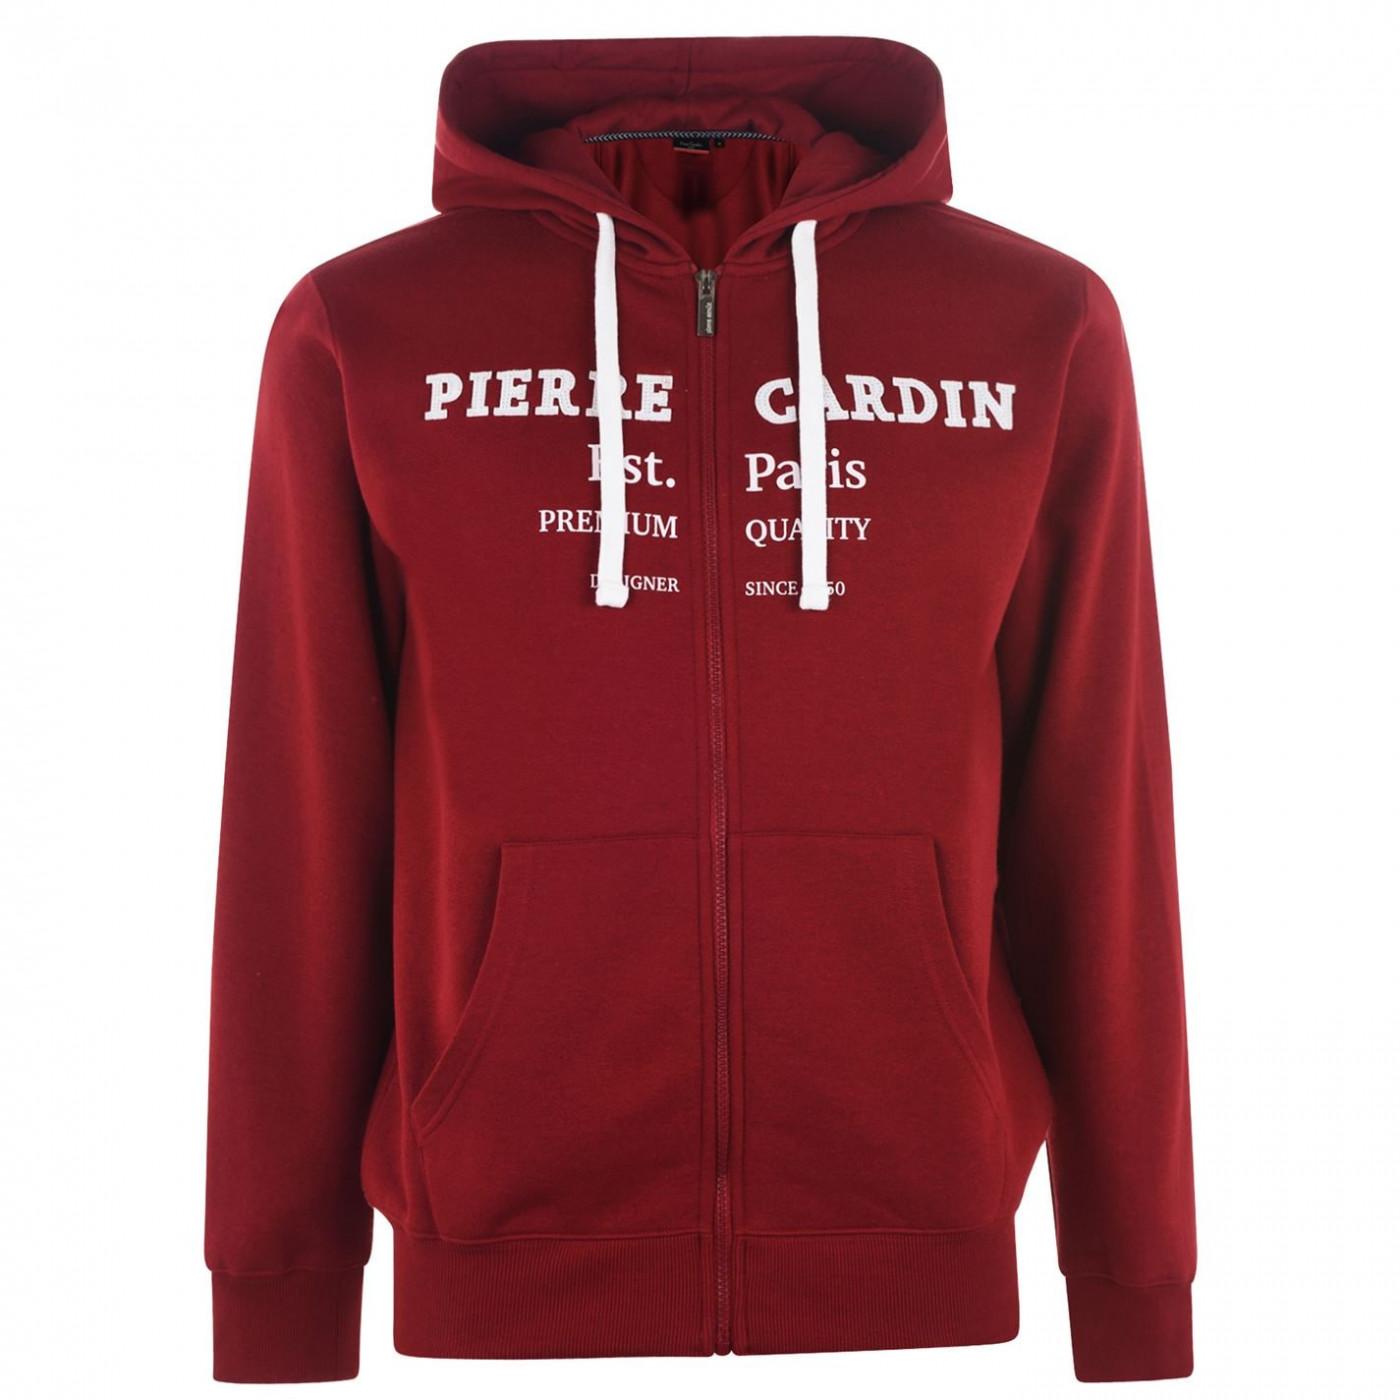 Men's hoodie Pierre Cardin Full Zip Print